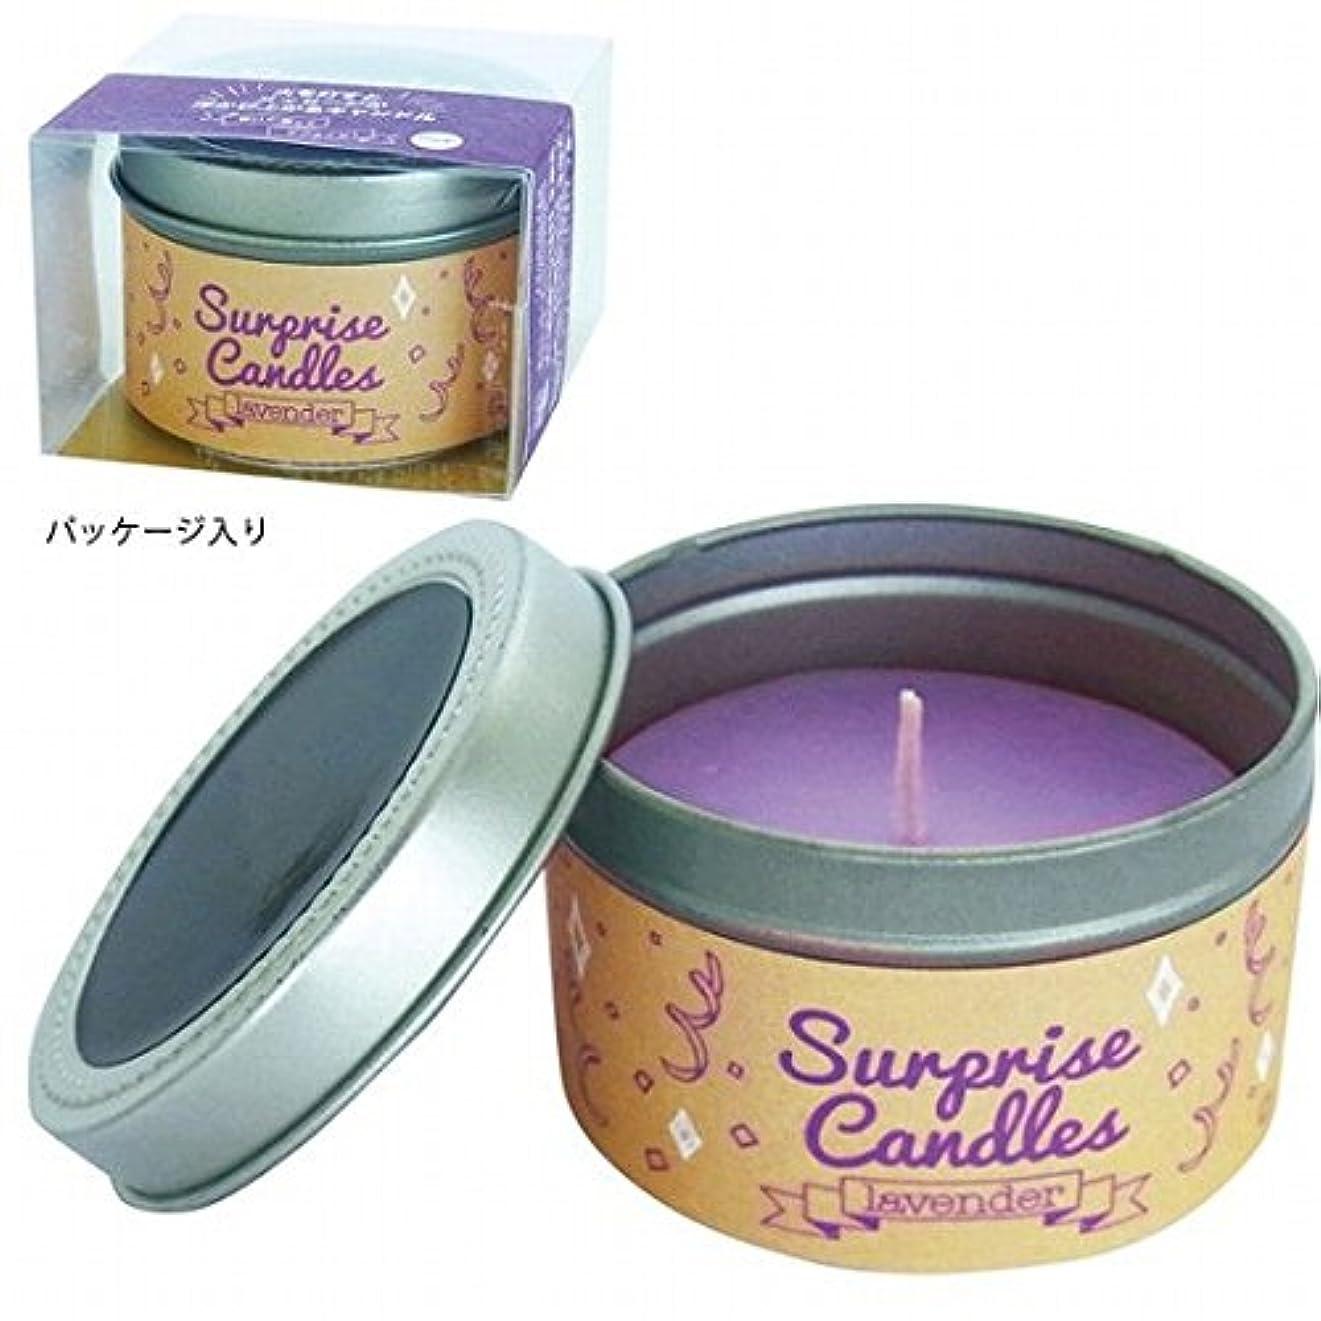 収入正確な発掘するkameyama candle(カメヤマキャンドル) サプライズキャンドル 「ラベンダー」(A207005020)